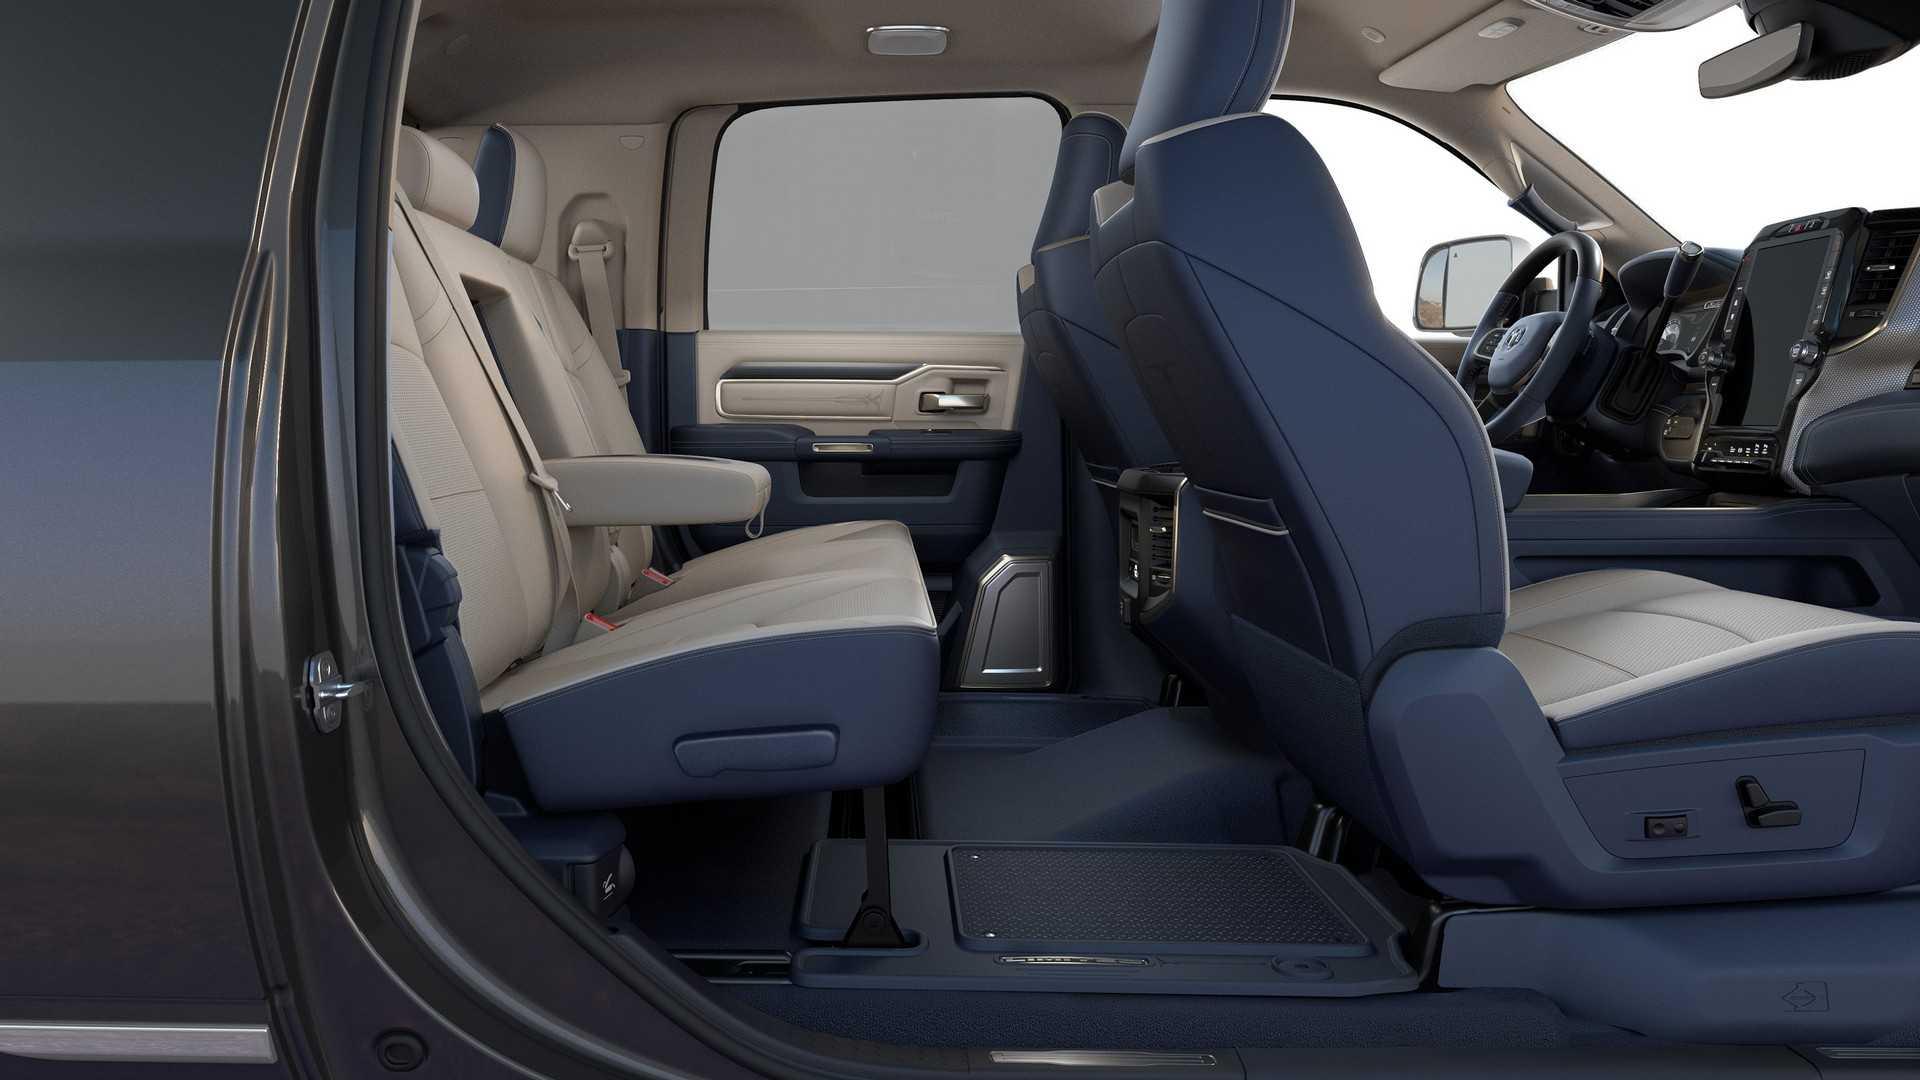 2019-ram-heavy-duty-interior (49)